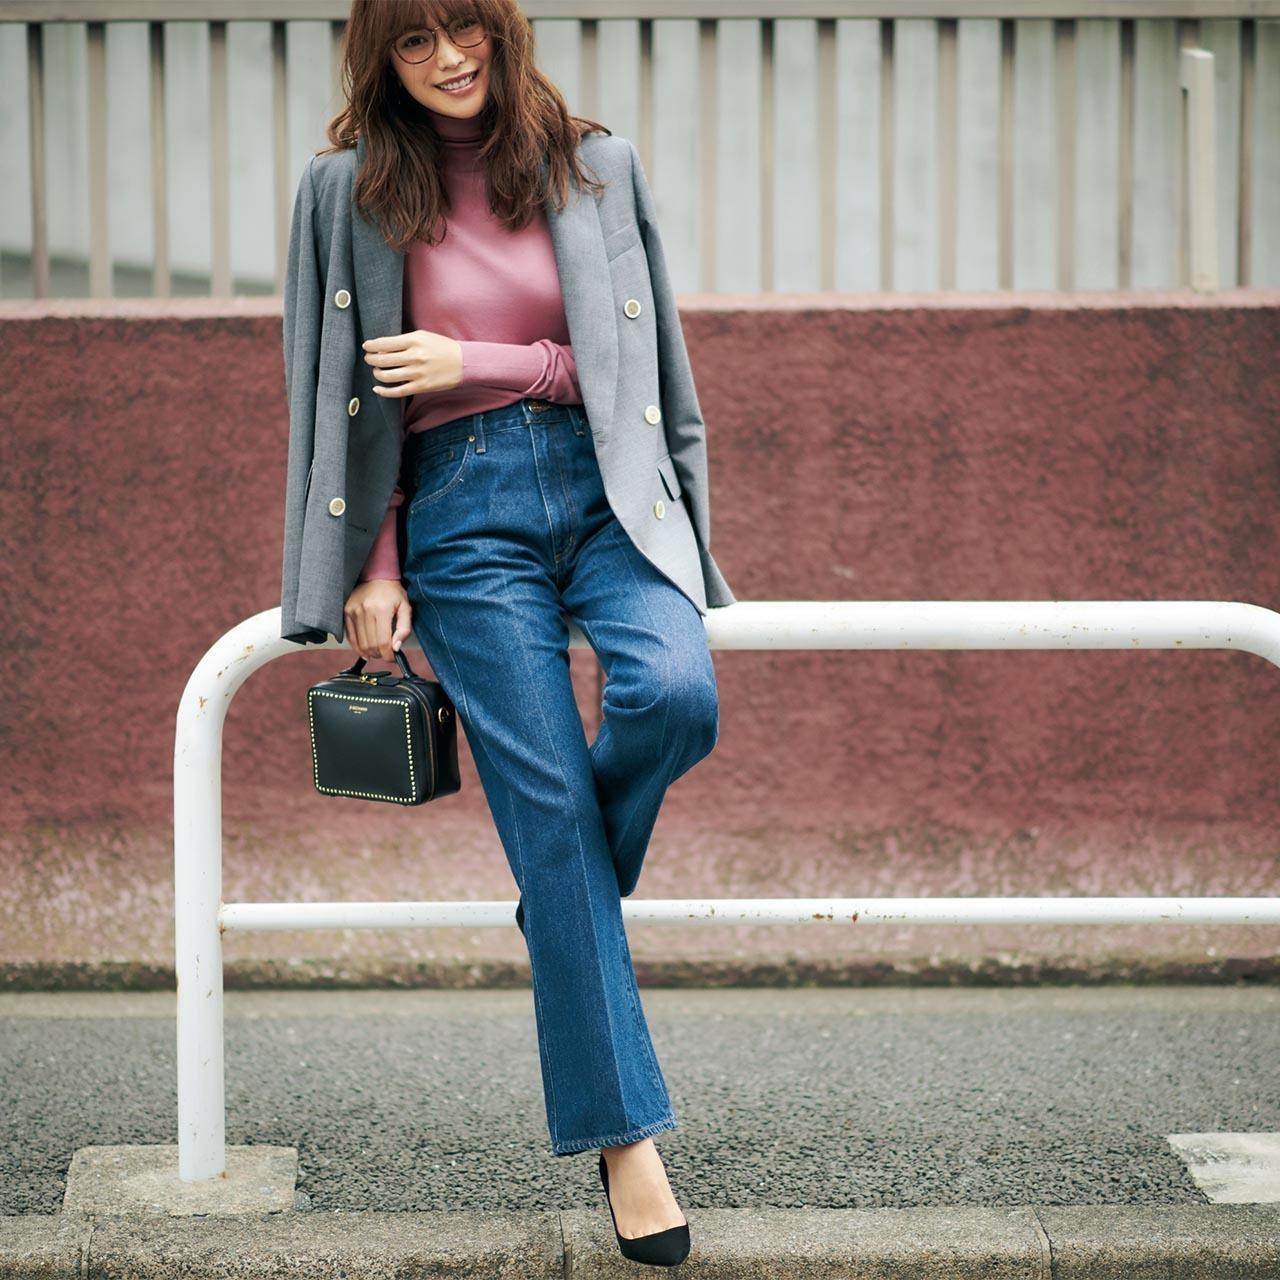 グレージャケット×デニムパンツのファッションコーデ